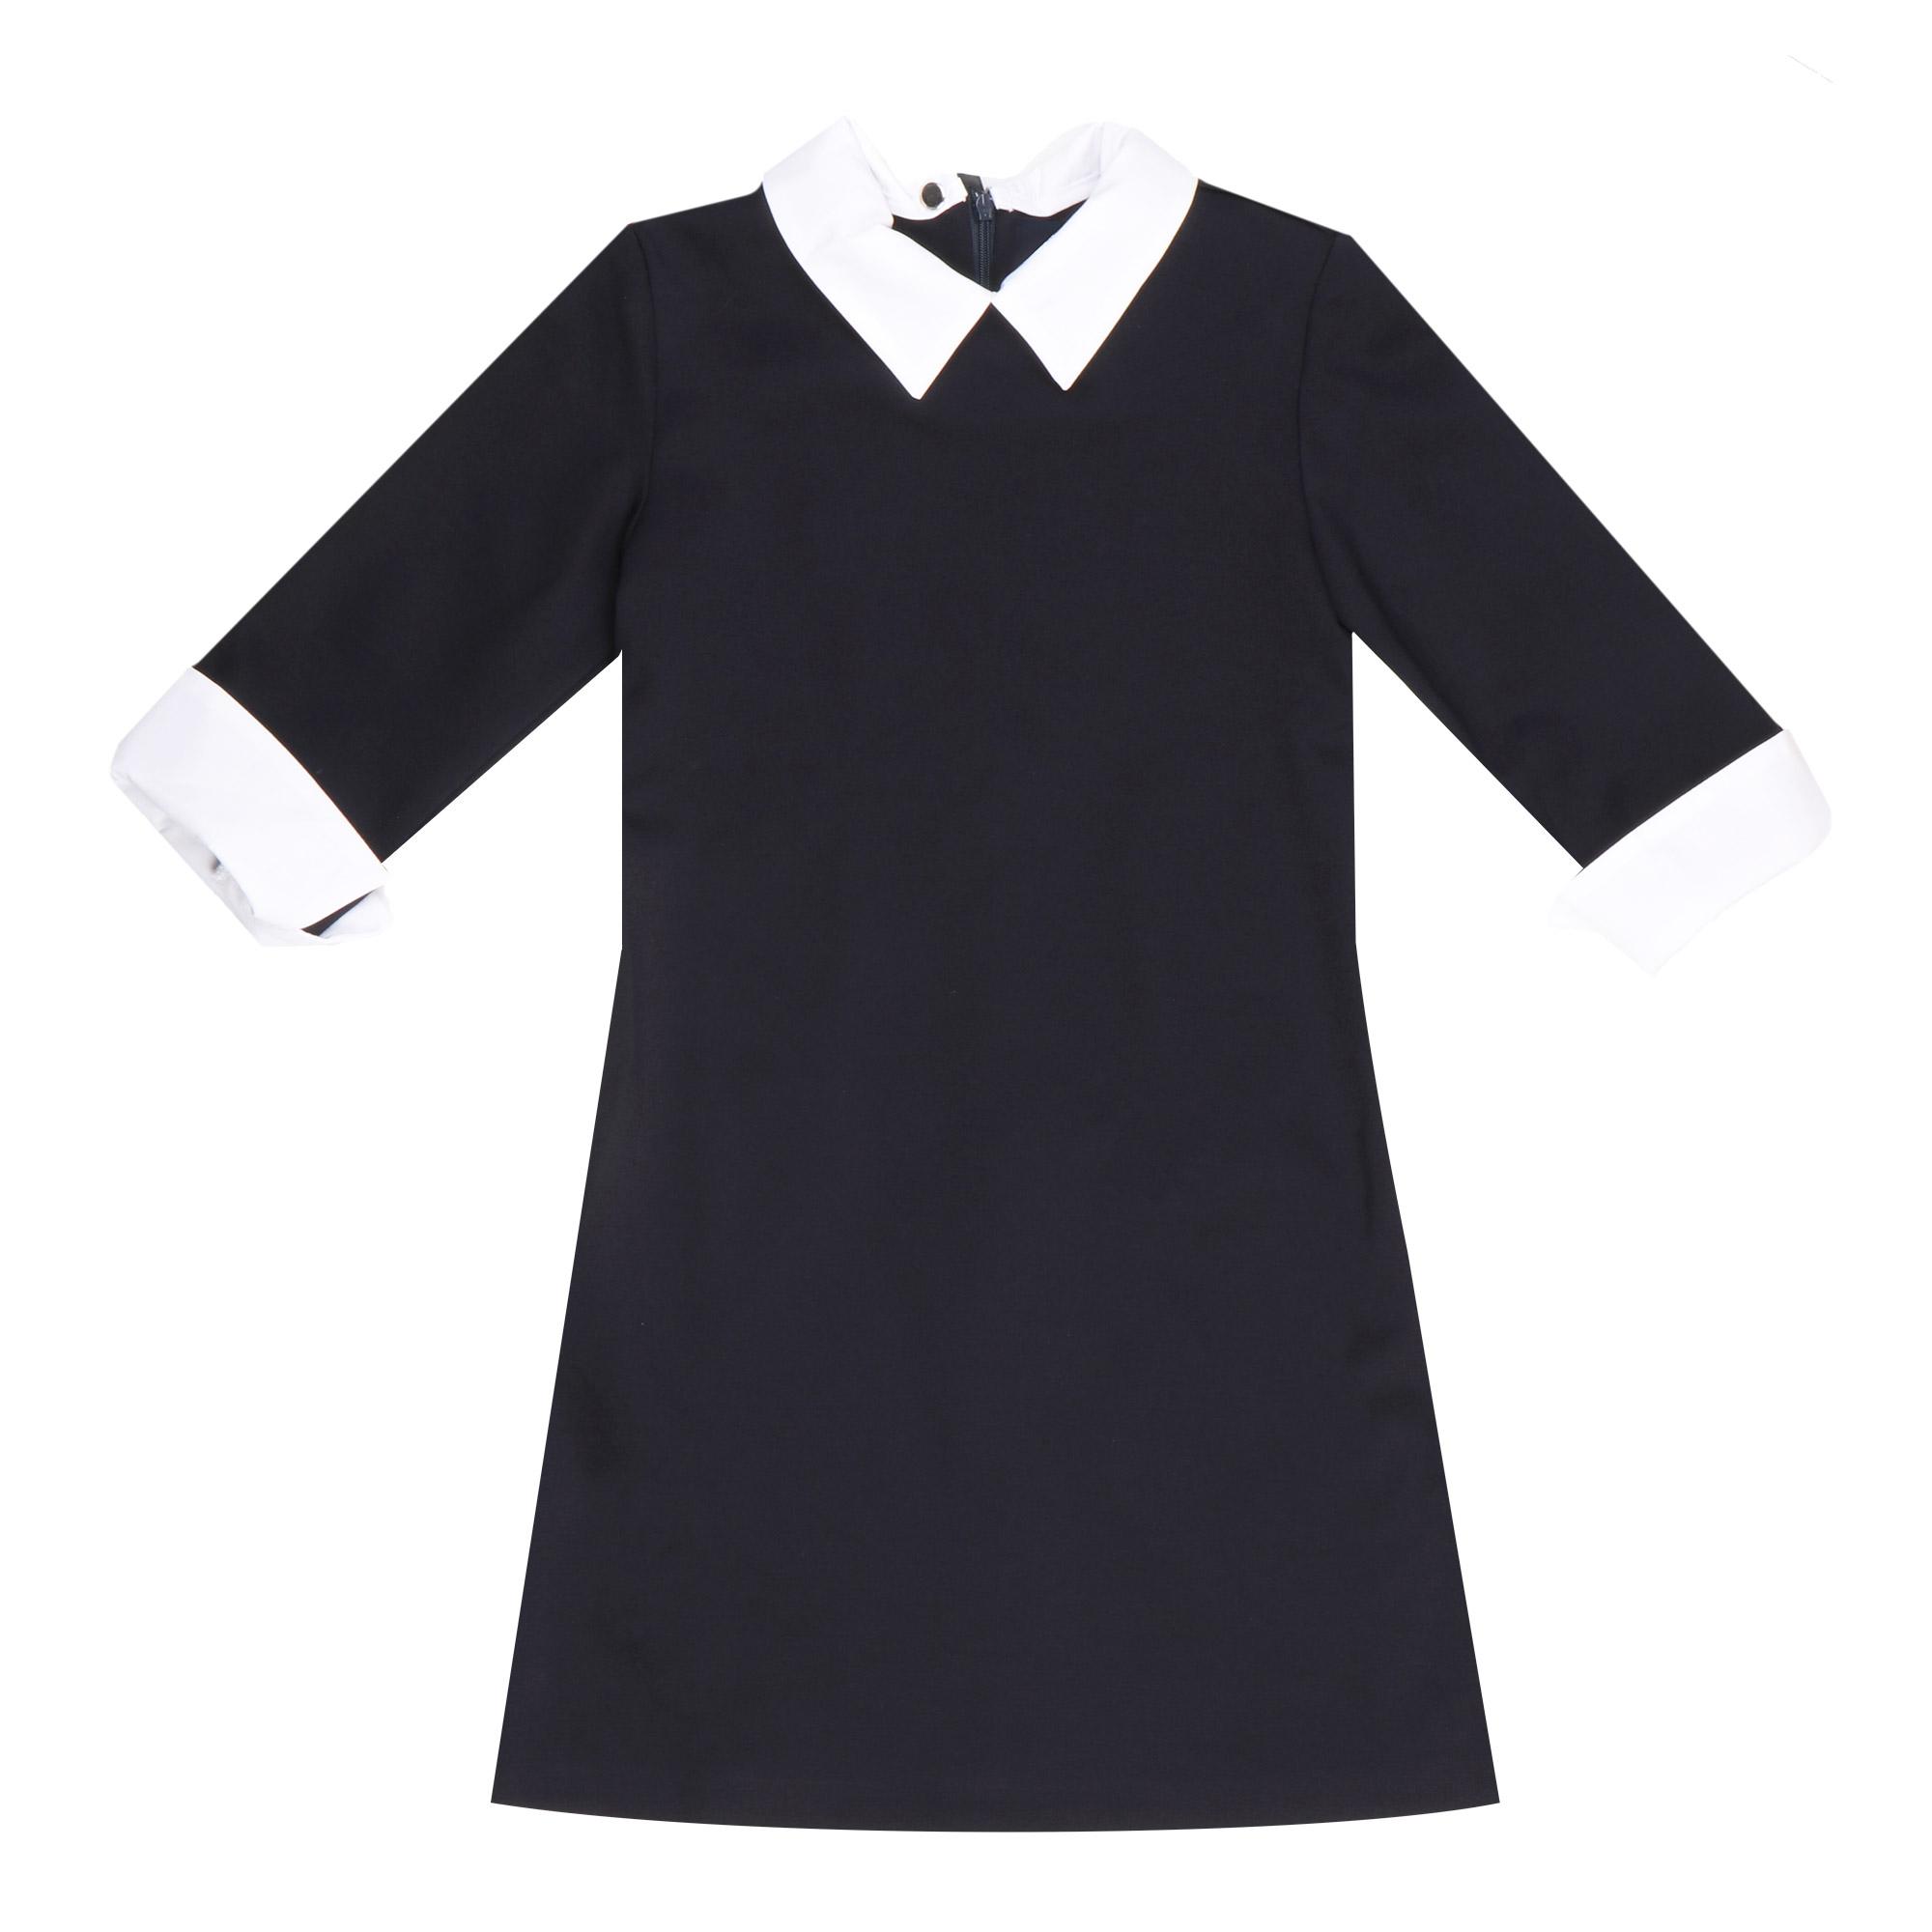 Купить Платье трикотажное Смена синее 128/64, Smena/Смена, Синий, Основной материал: Вискоза-67%, Полиэстер-28%, Полиуретан-5% Дополнительный материал: Хлопок-55%, Полиэстер-45%, Для девочек, Всесезонный,